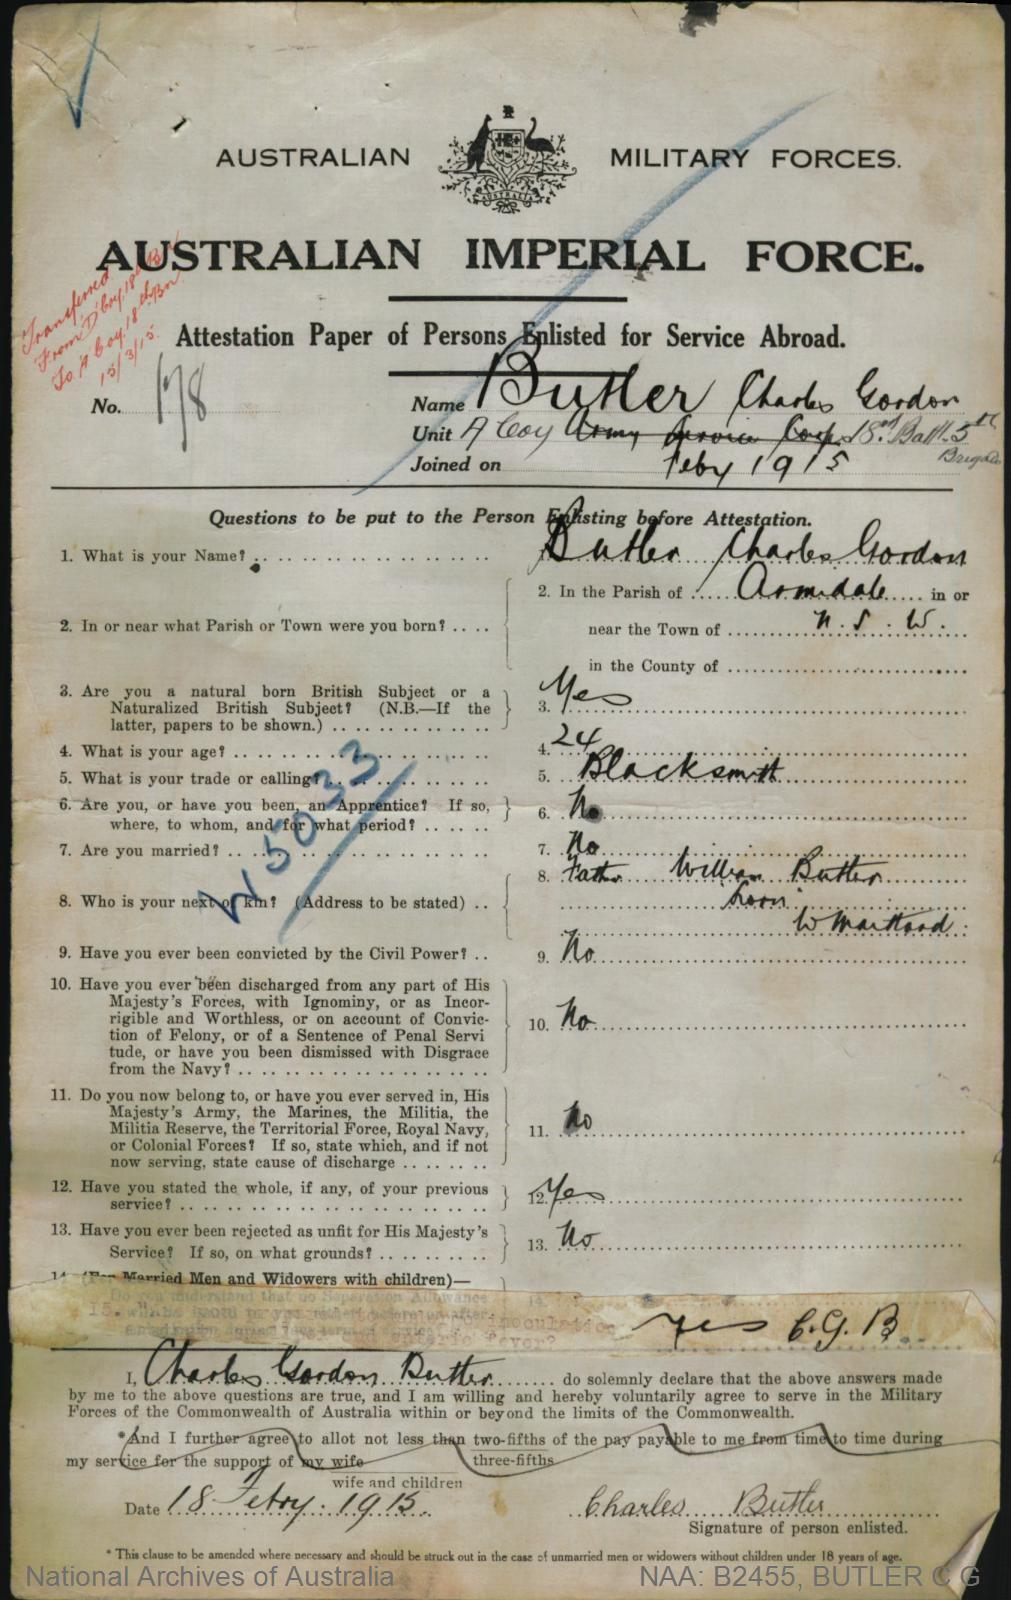 Butler Charles Gordon : SERN LIEUT 178 : POB Armidale NSW : POE Liverpool NSW : NOK F Butler William